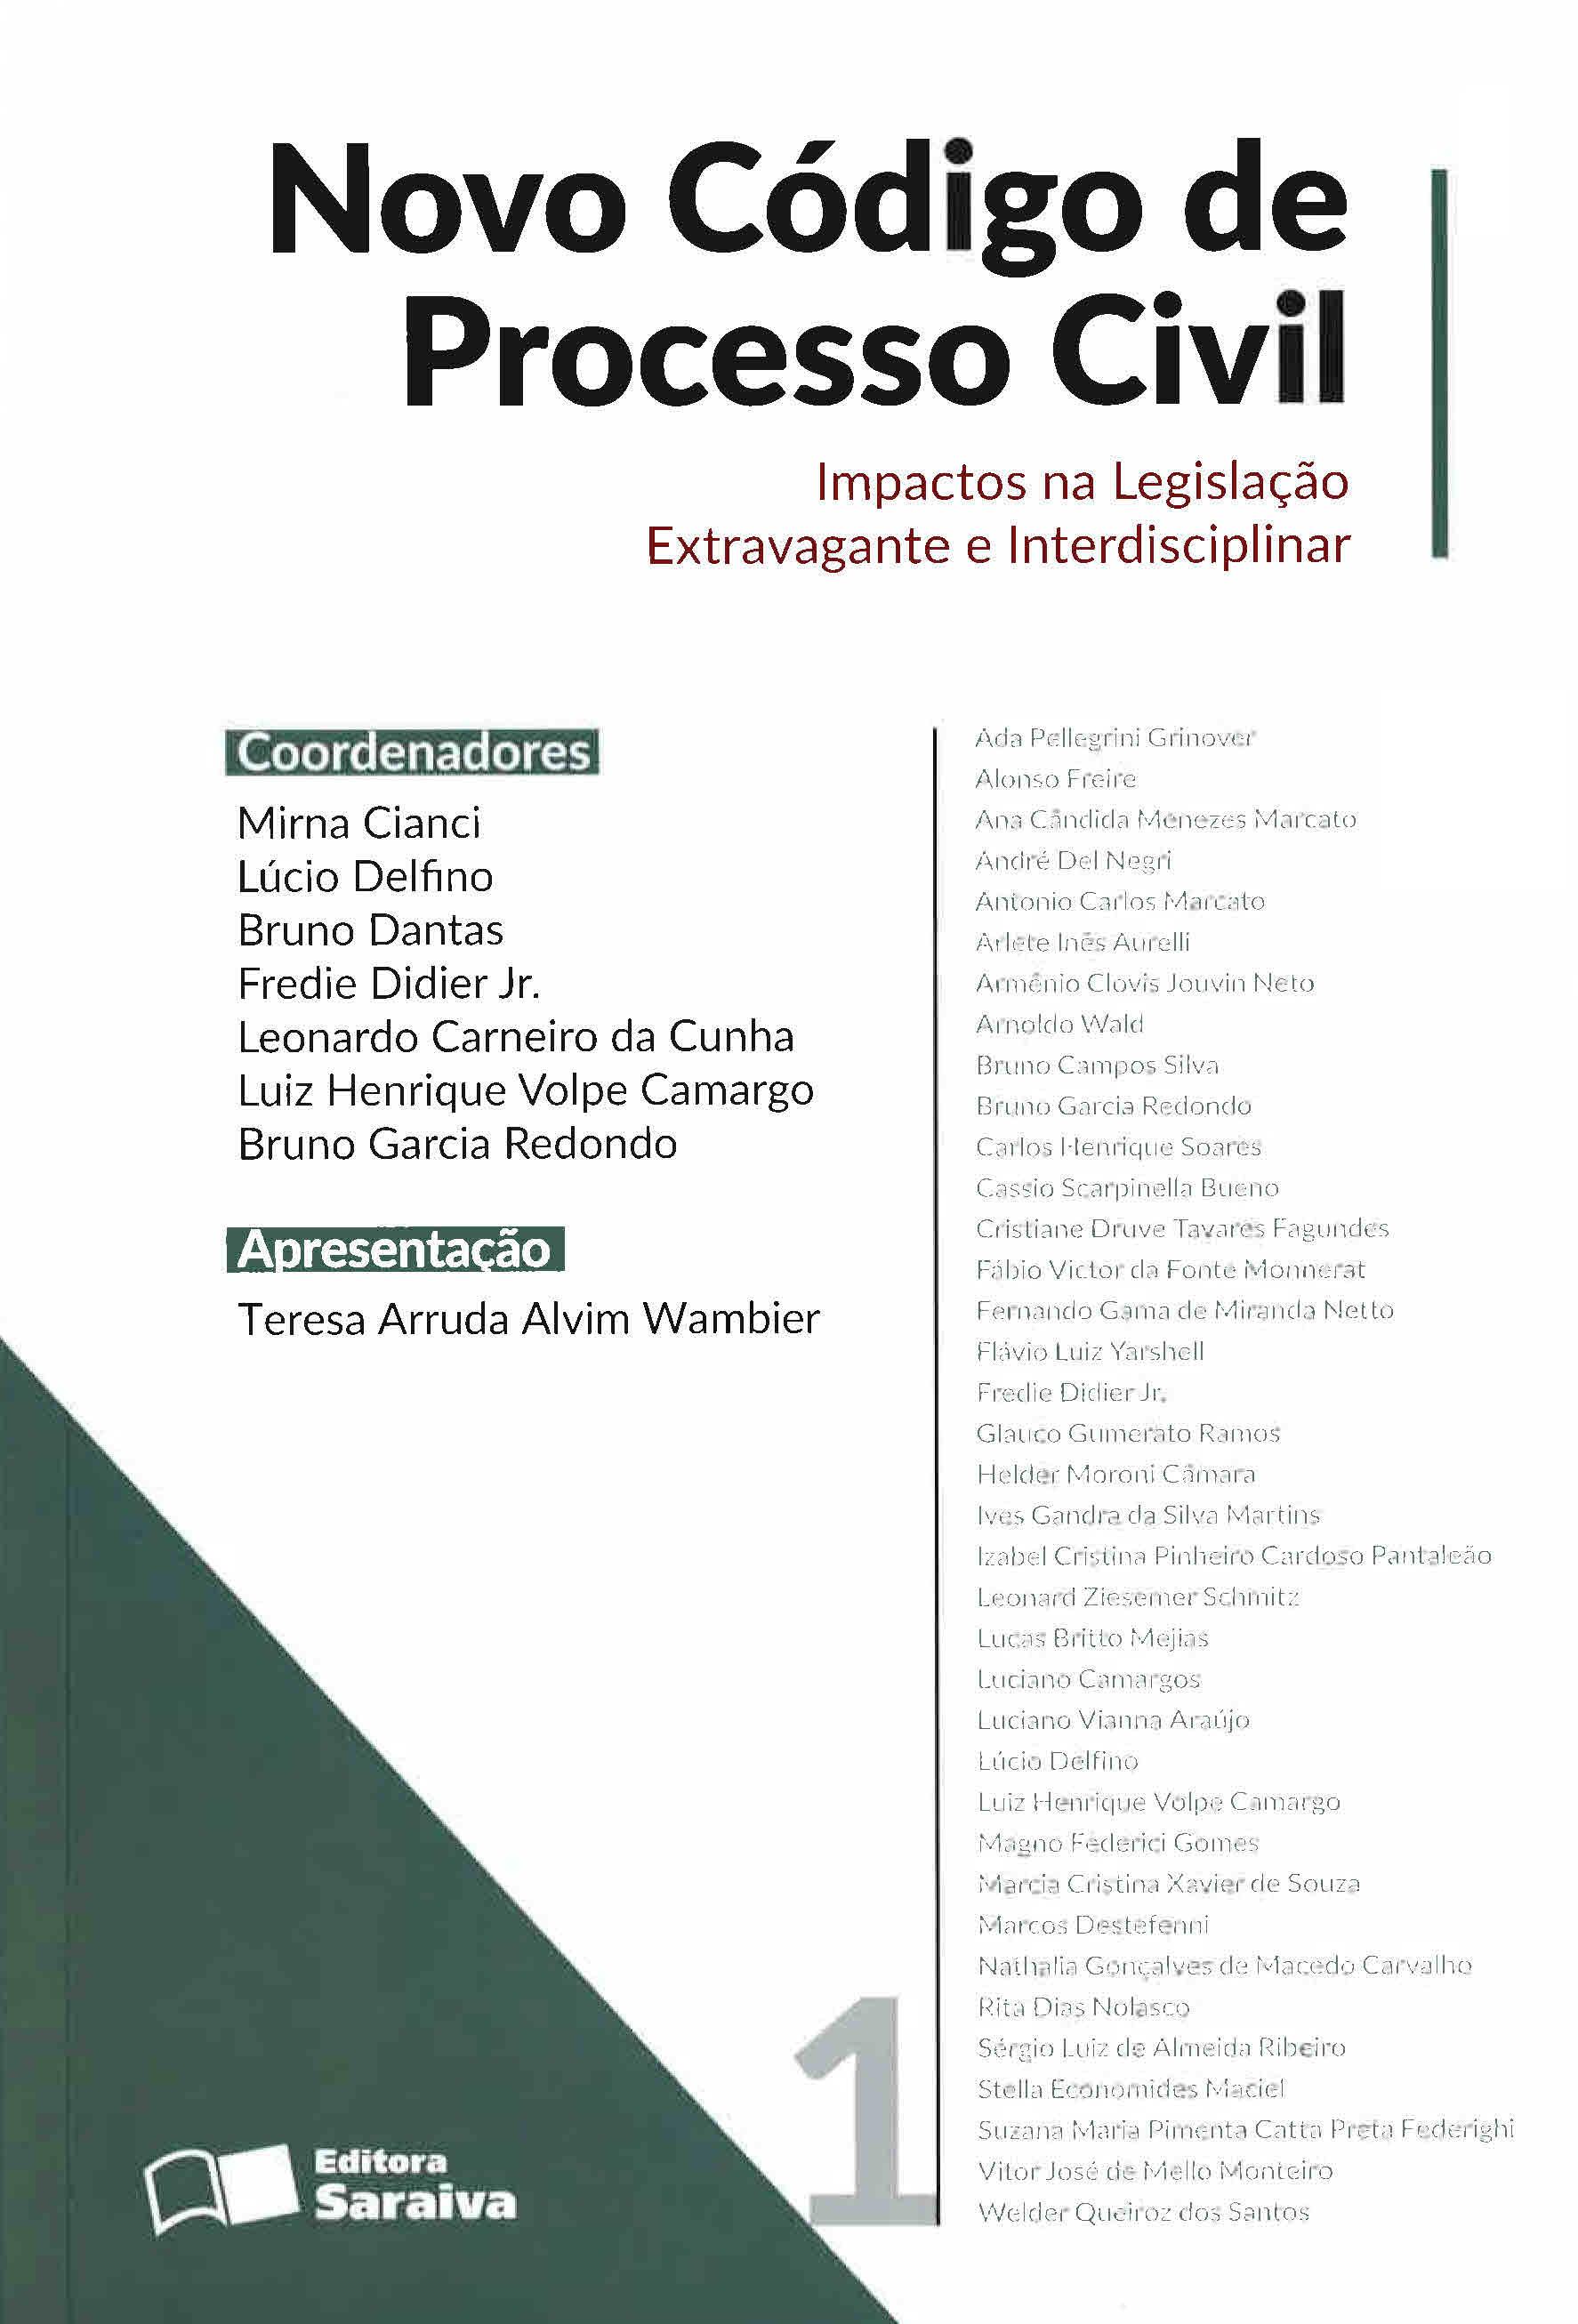 Novo código de processo civil: impactos na legislação extravagante e interdisciplinar